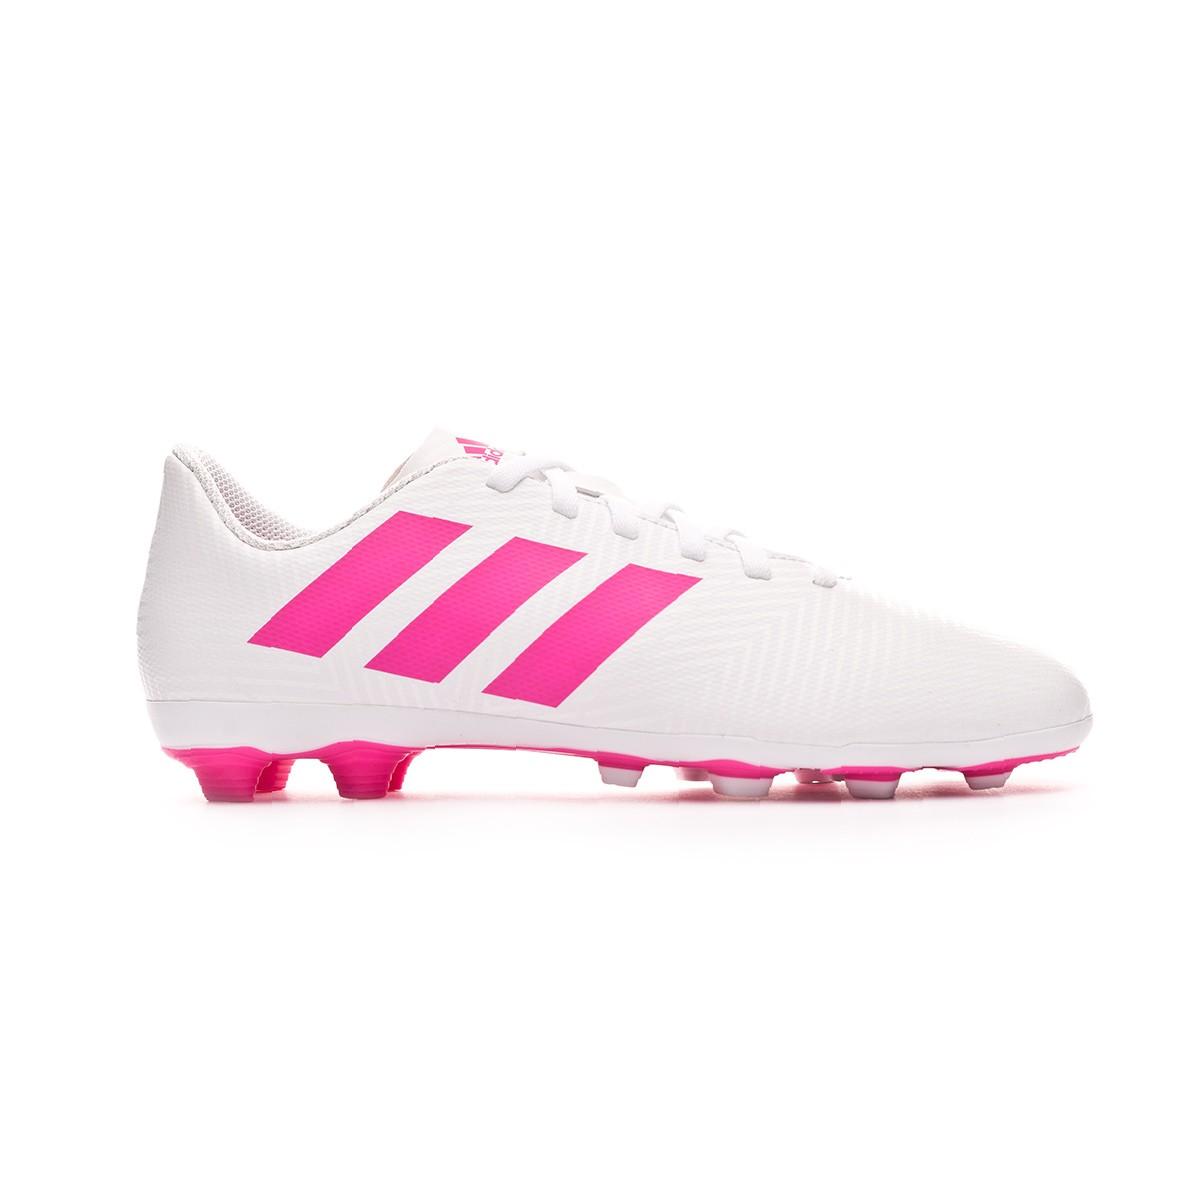 Chaussure de foot adidas Nemeziz 18.4 FxG enfant